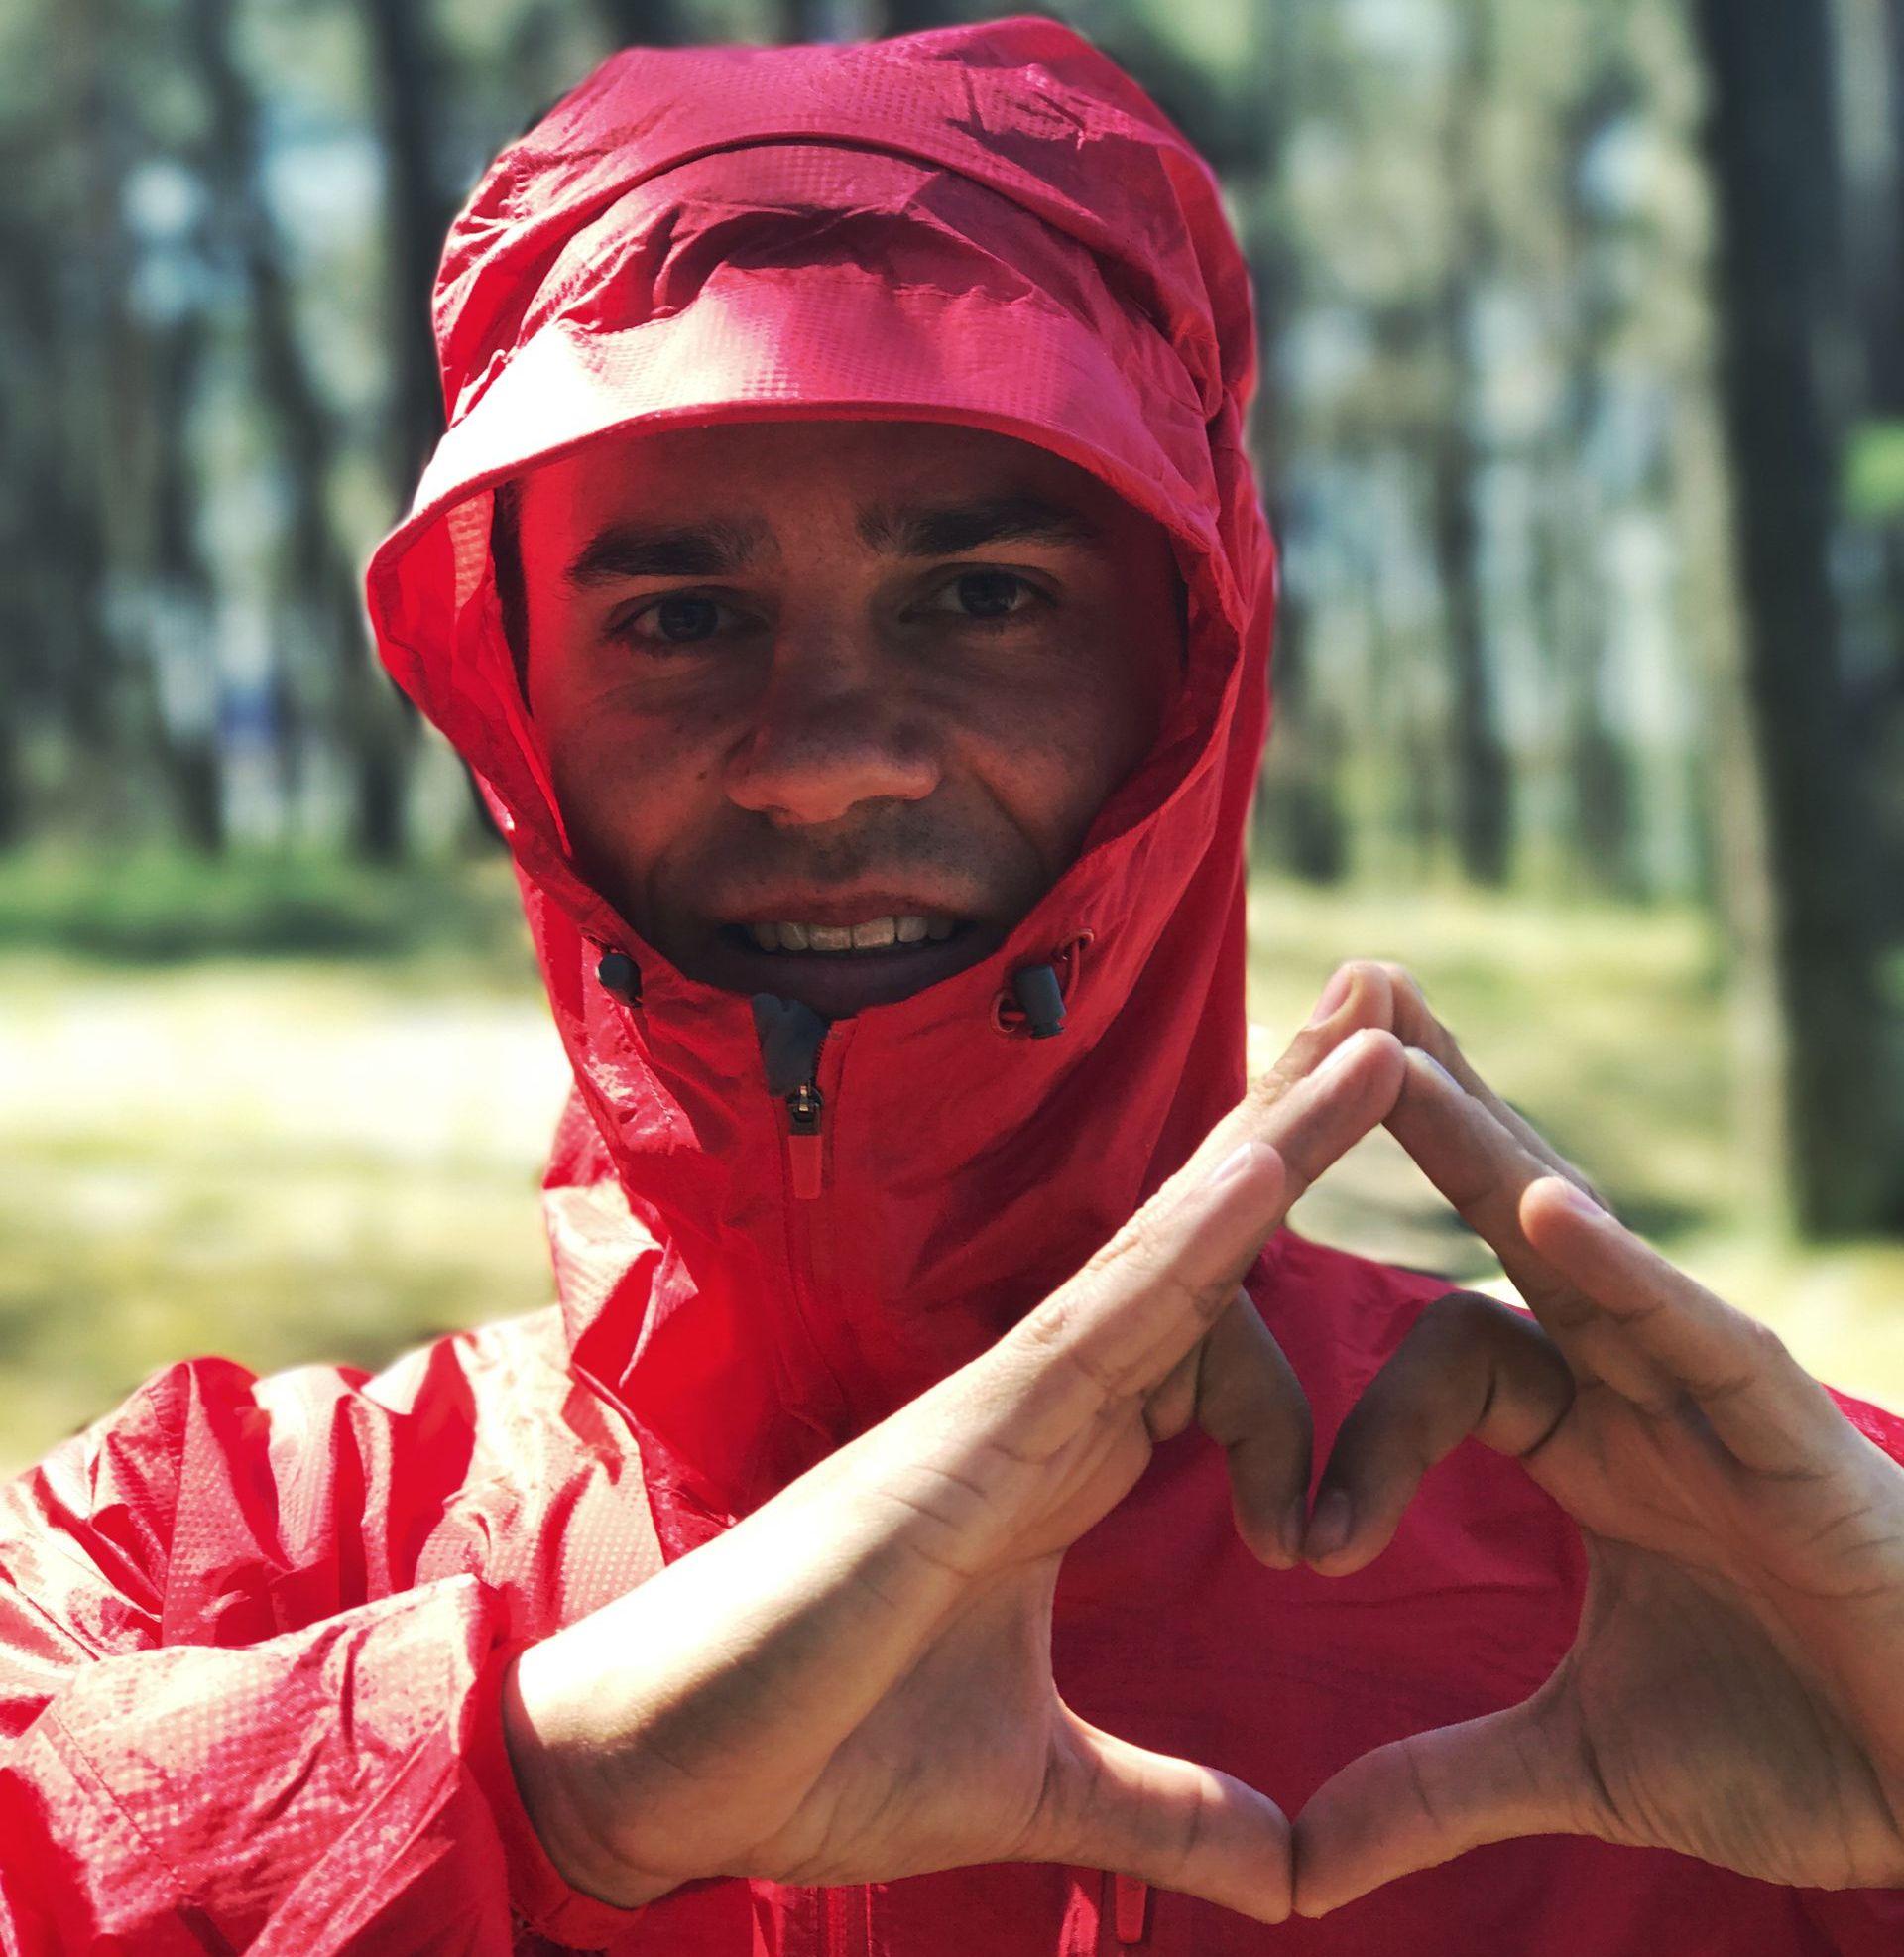 Aitäh headele inimestele! Joel Juhi jooks Tallinnast Jõgevale lisas tervisepargi rahastusse ligi 1000 eurot